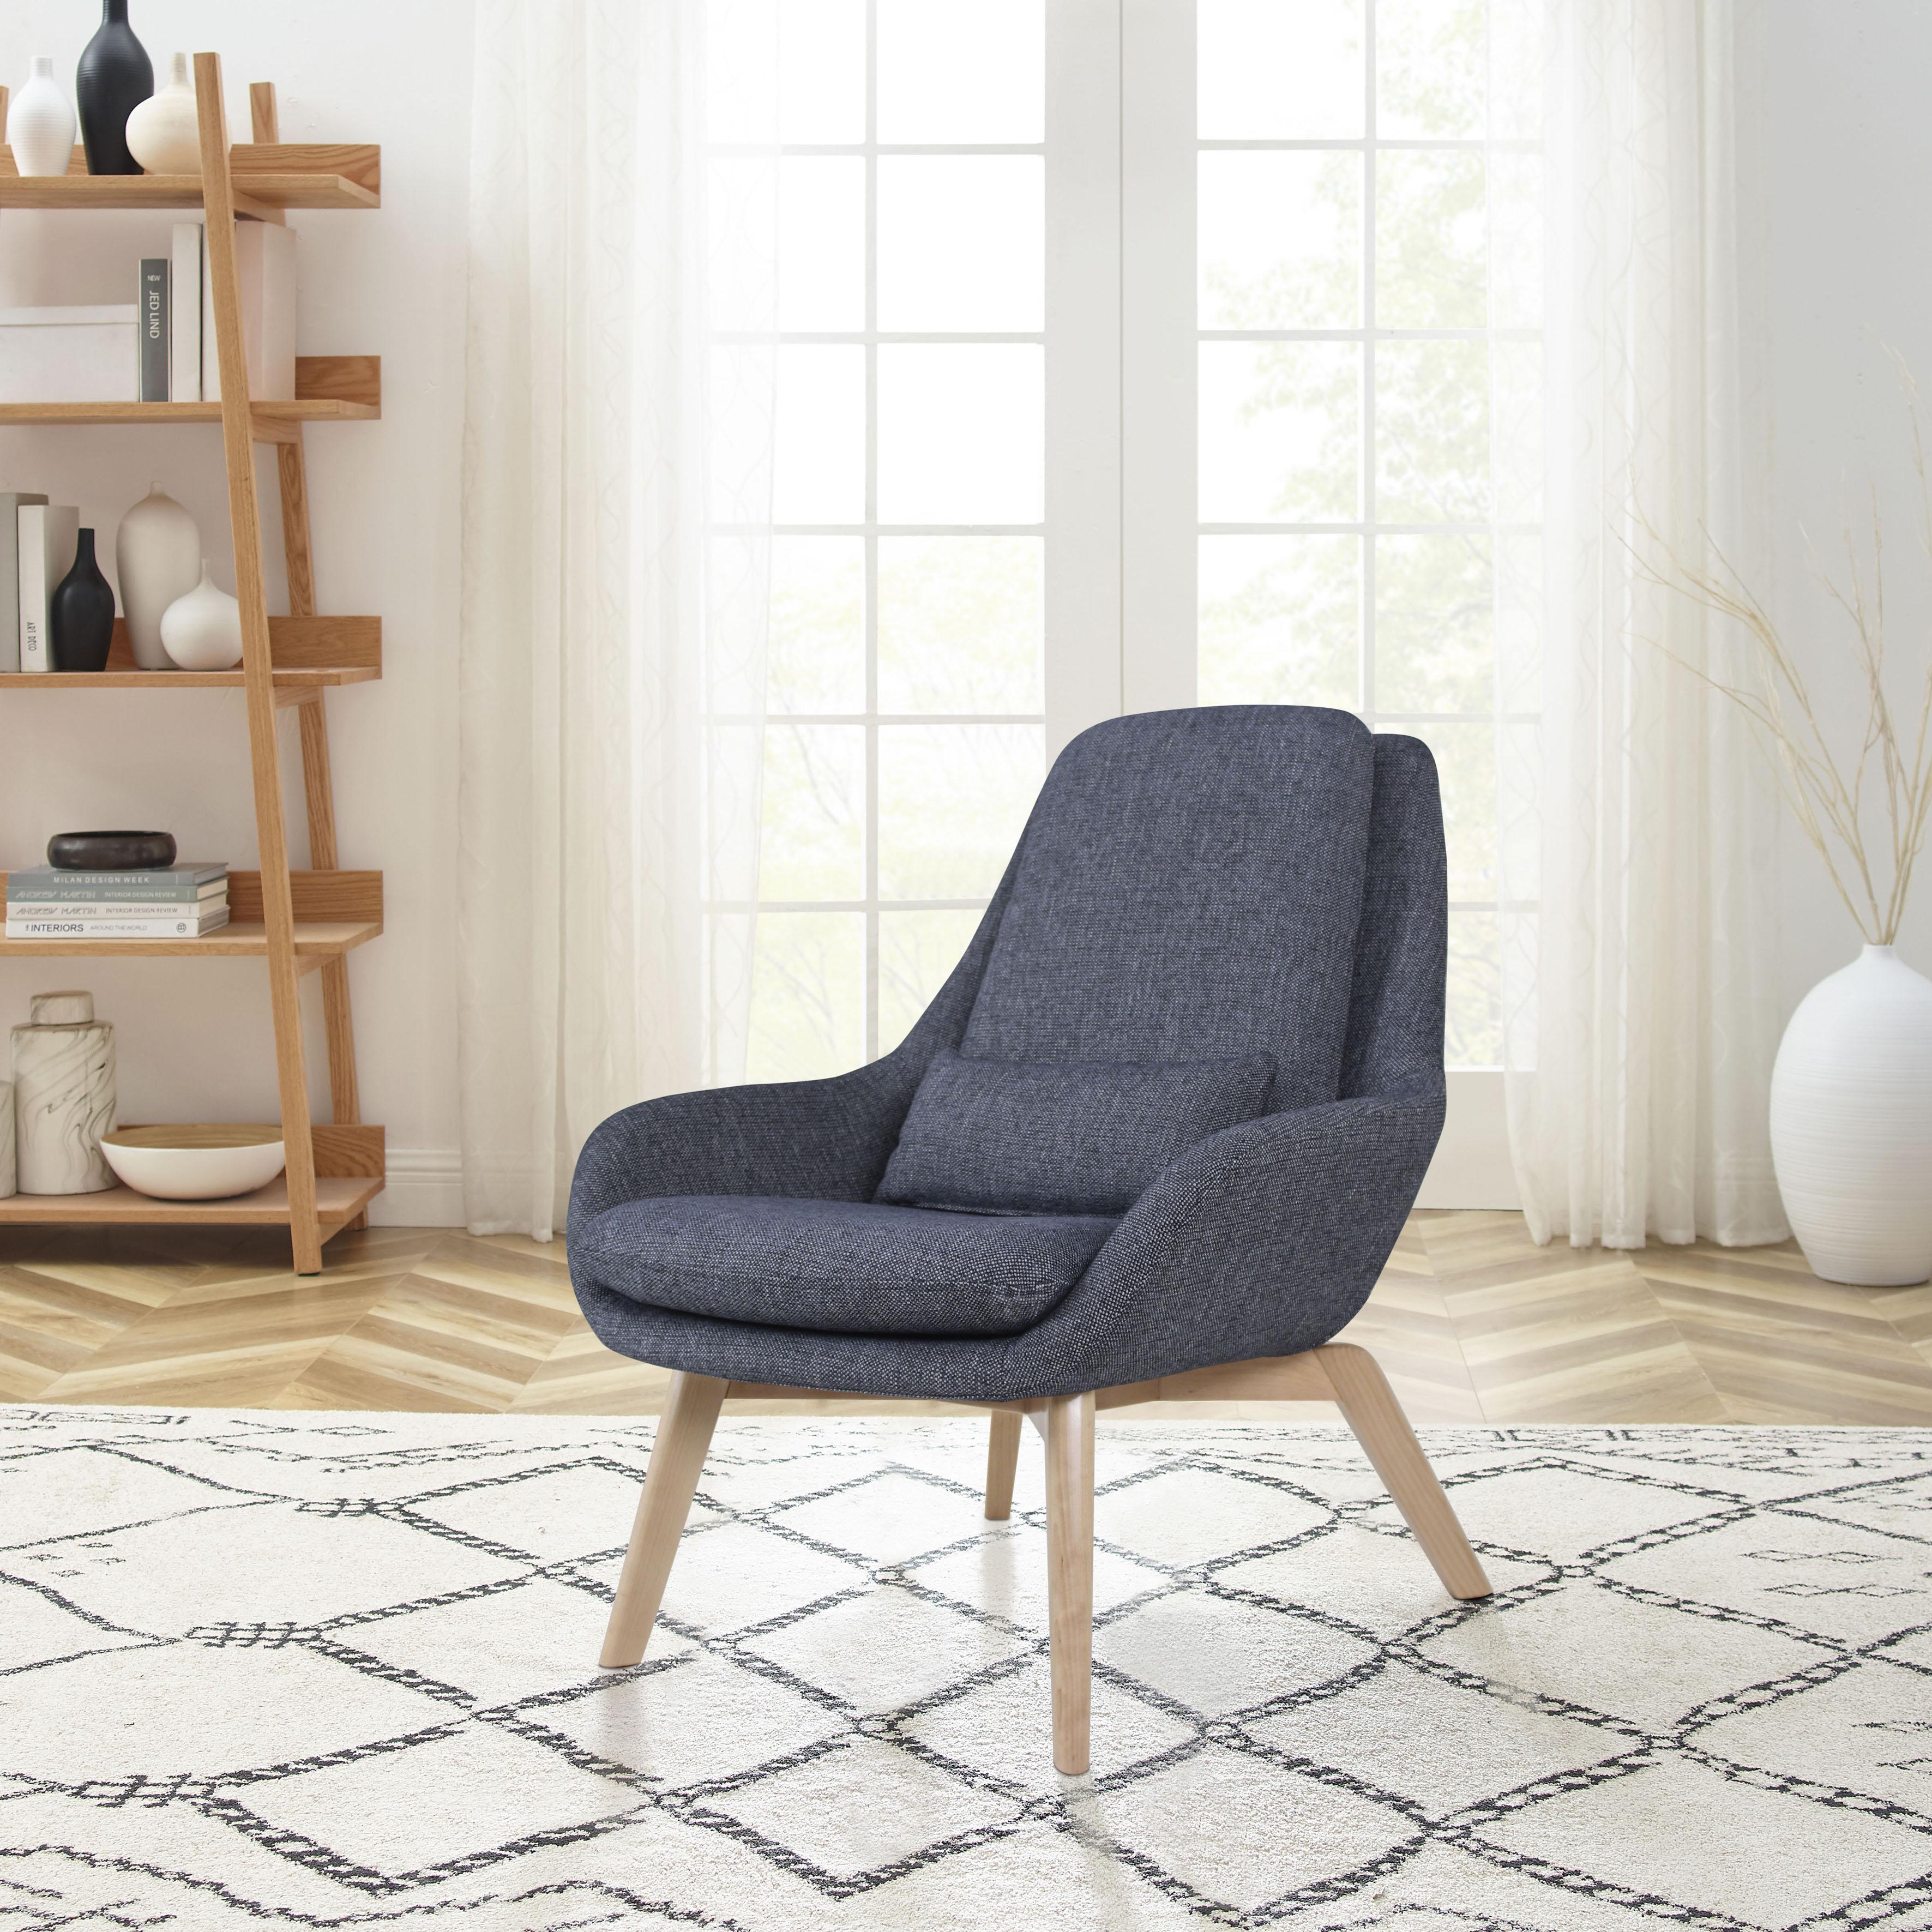 Image of 170QM Sessel »Ruhezeit«, Inkl. Zierkissen, Sitz und Rücken gepolstert, in 2 Bezugsqualitäten